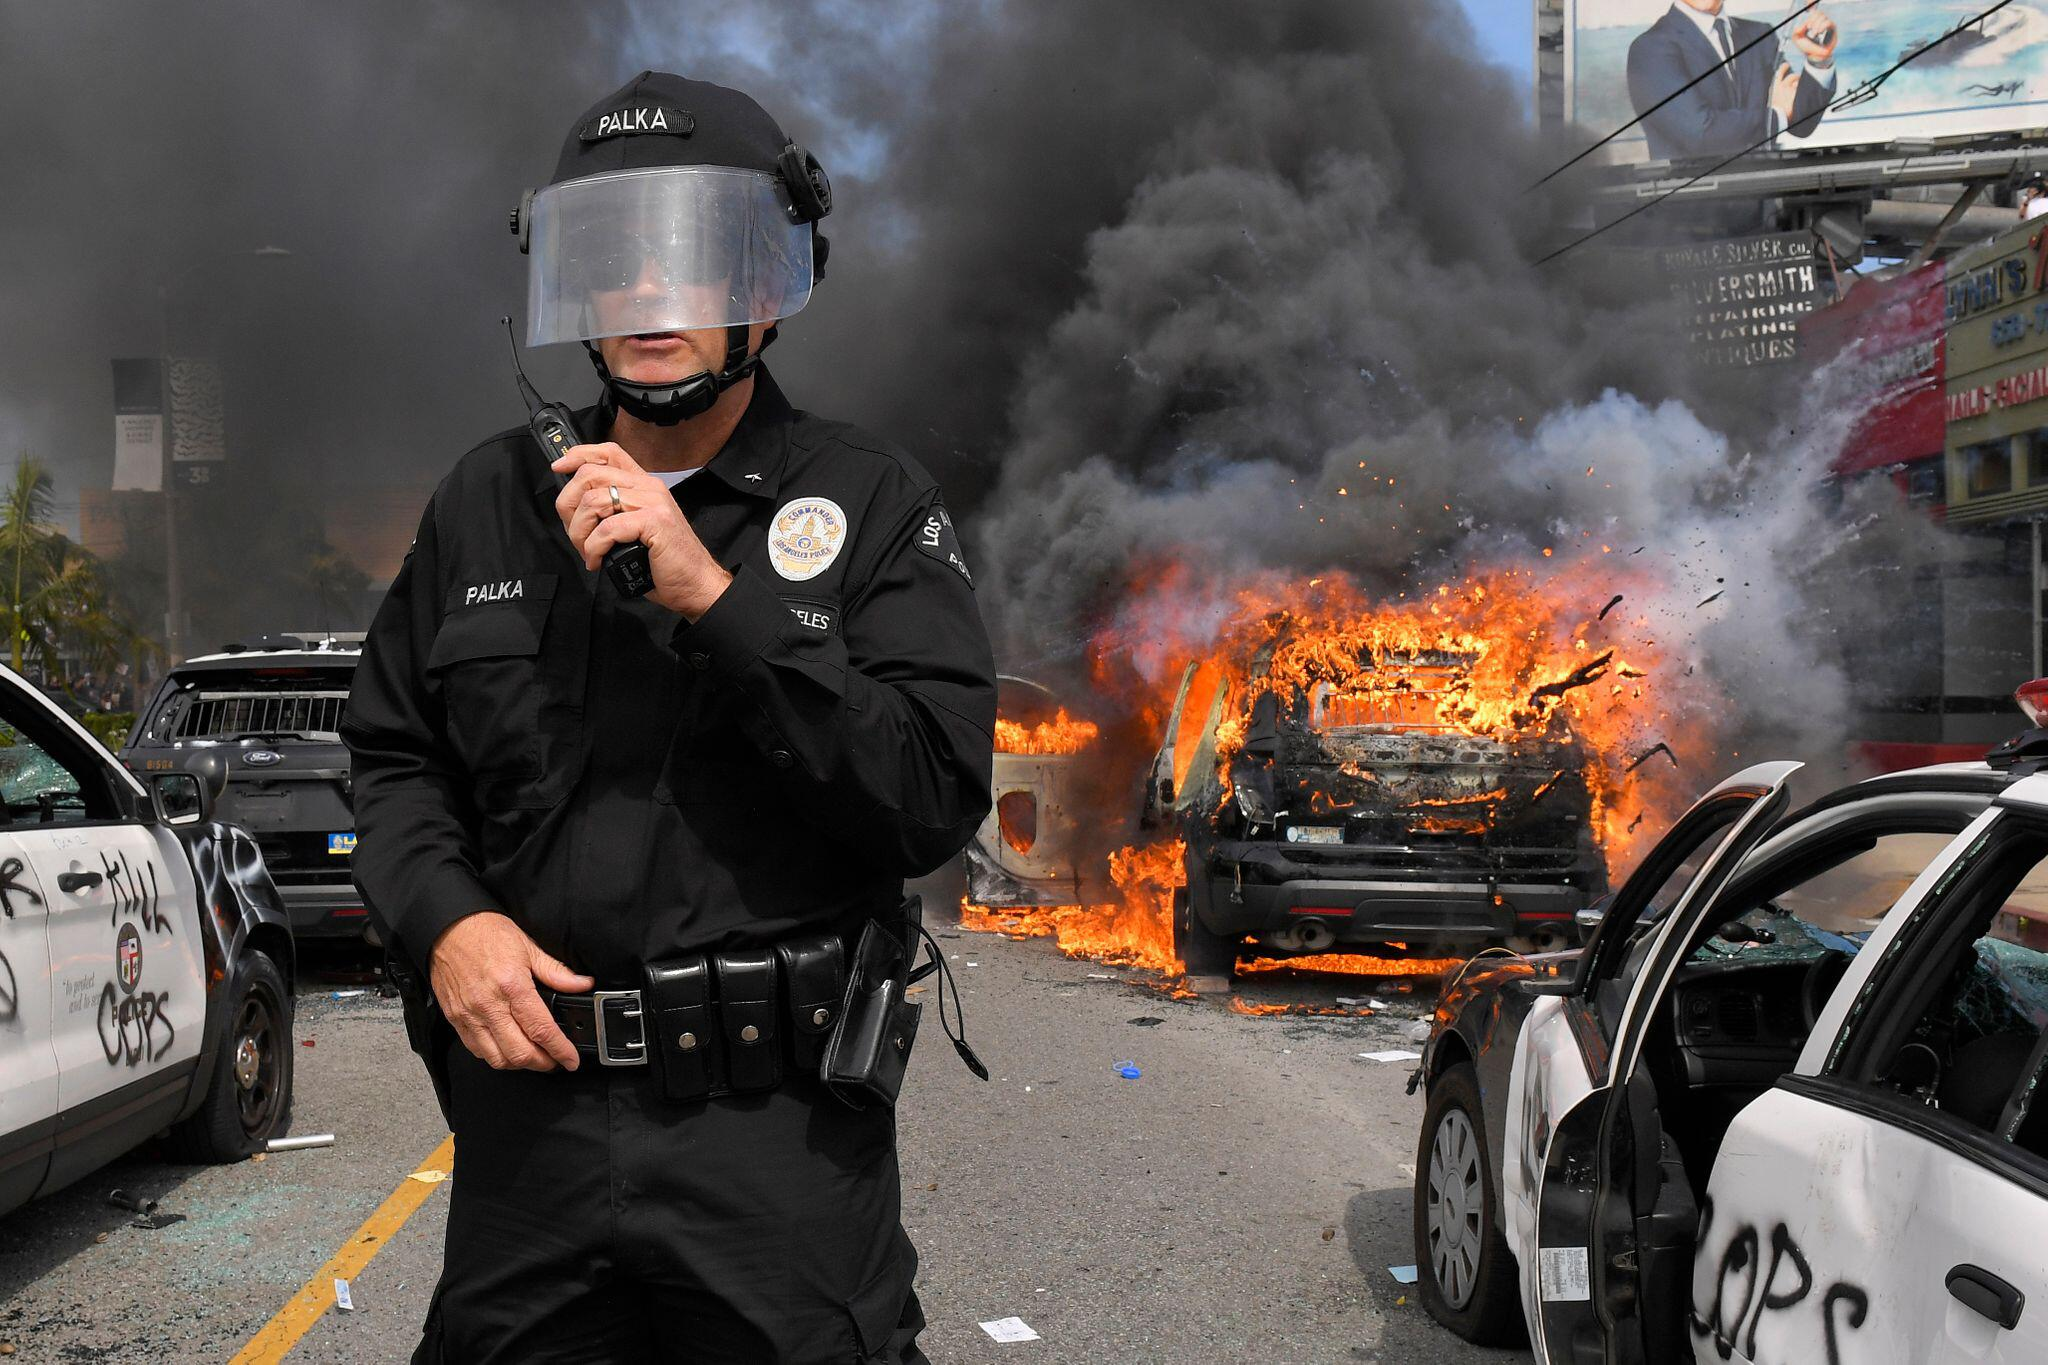 Lkw rast in Demo, brennende Autos: Proteste in den USA gehen weiter!